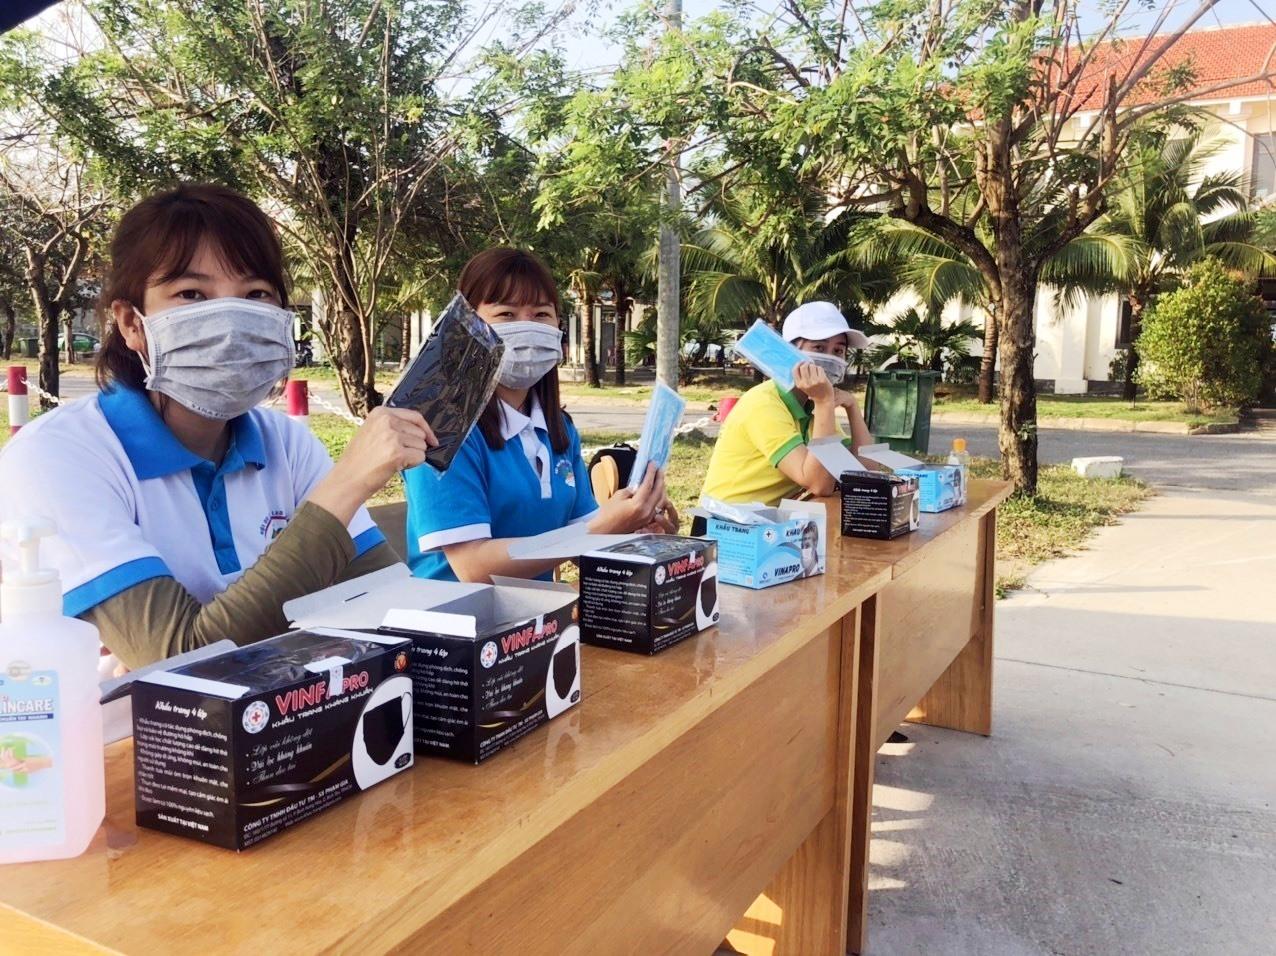 Chuẩn bị khẩu trang phát cho du khách khi tham quan Cù Lao Chàm. Ảnh: KHÁNH LINH